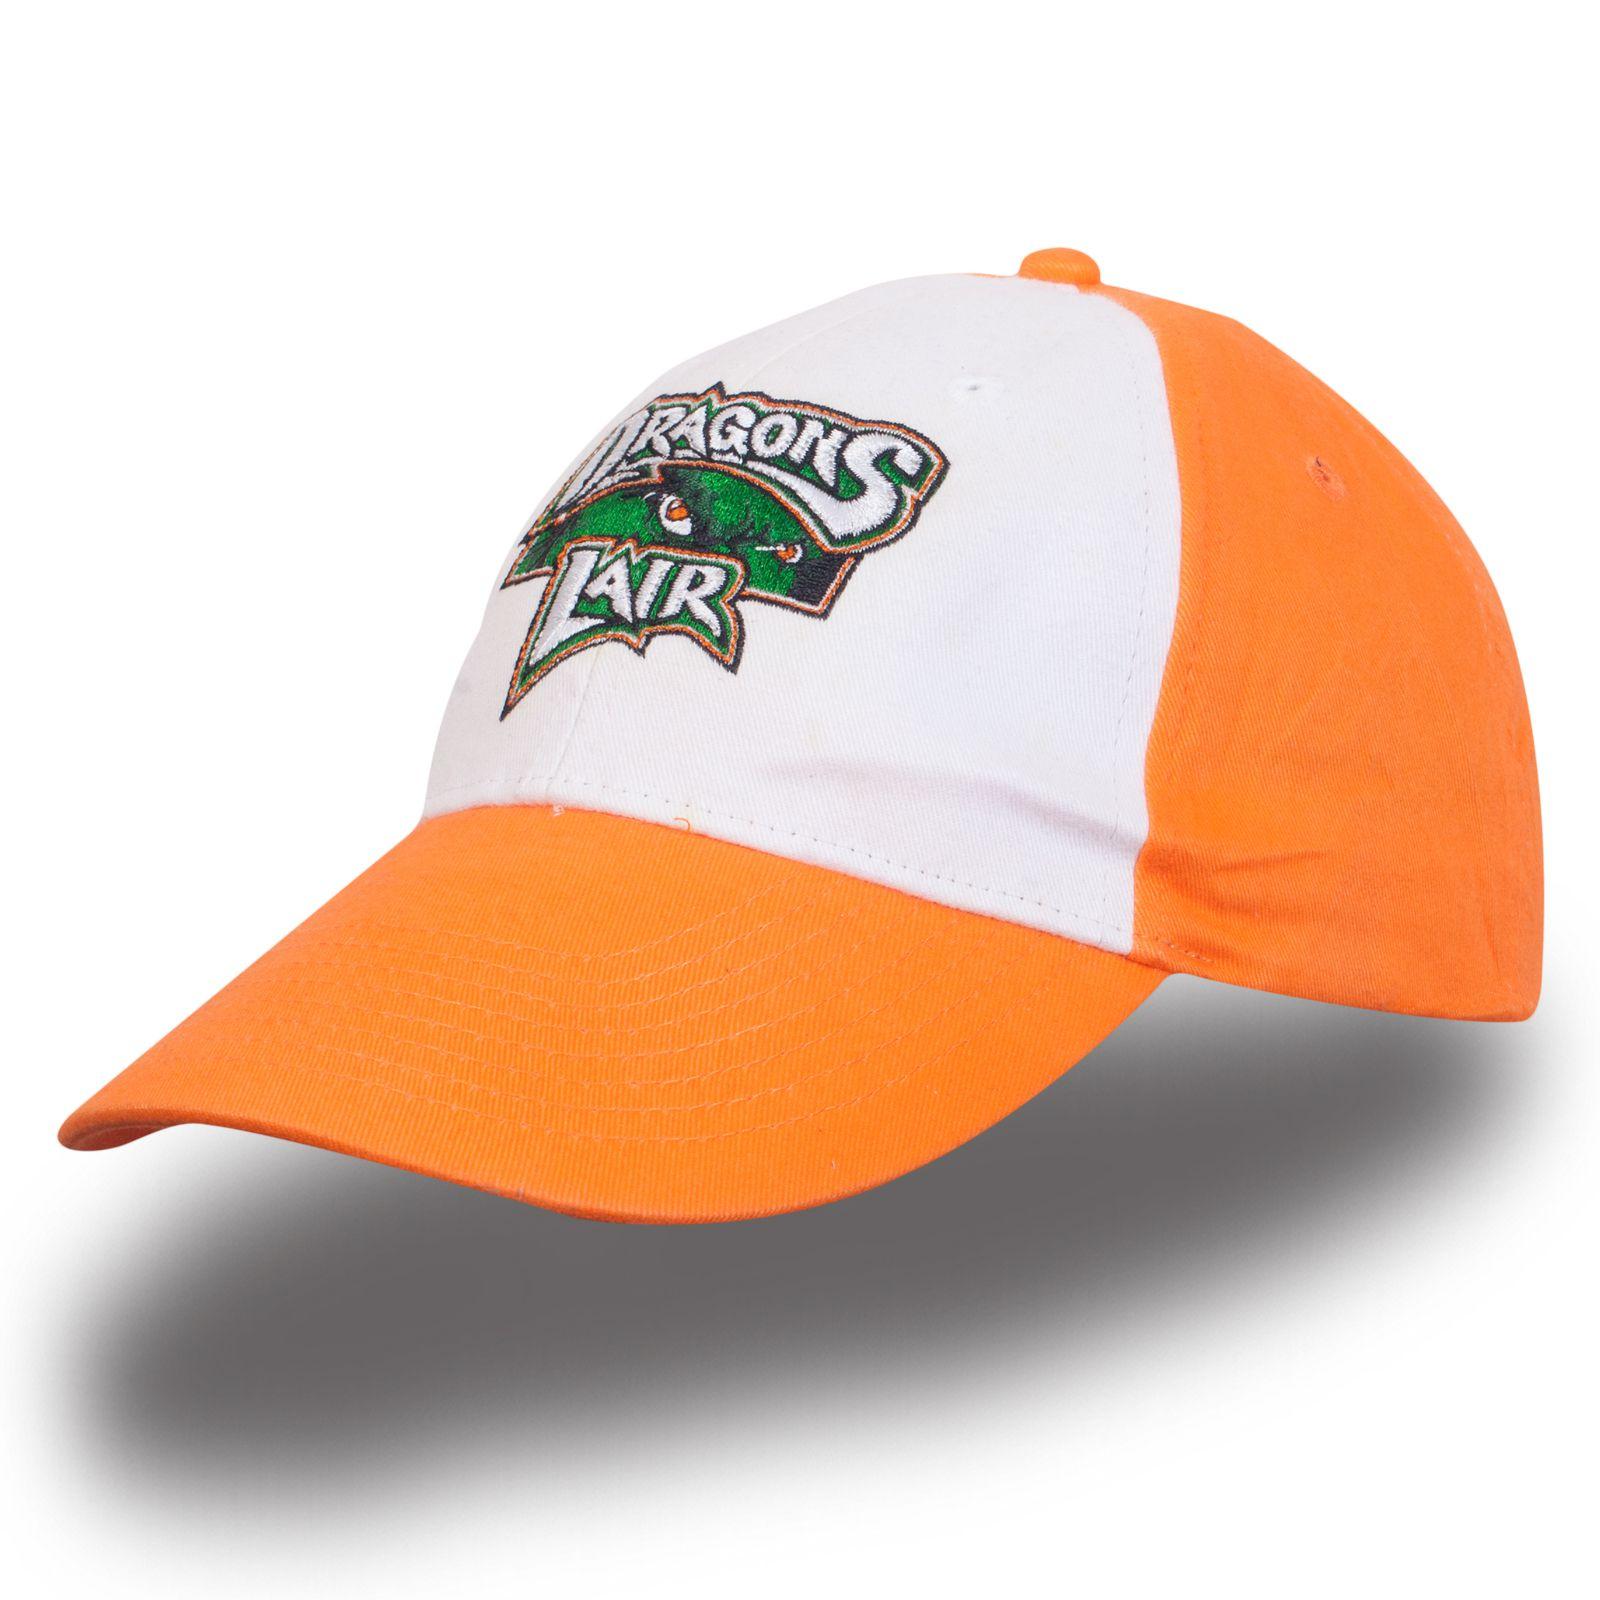 Кепка оранжевая - купить в интернет-магазине с доставкой